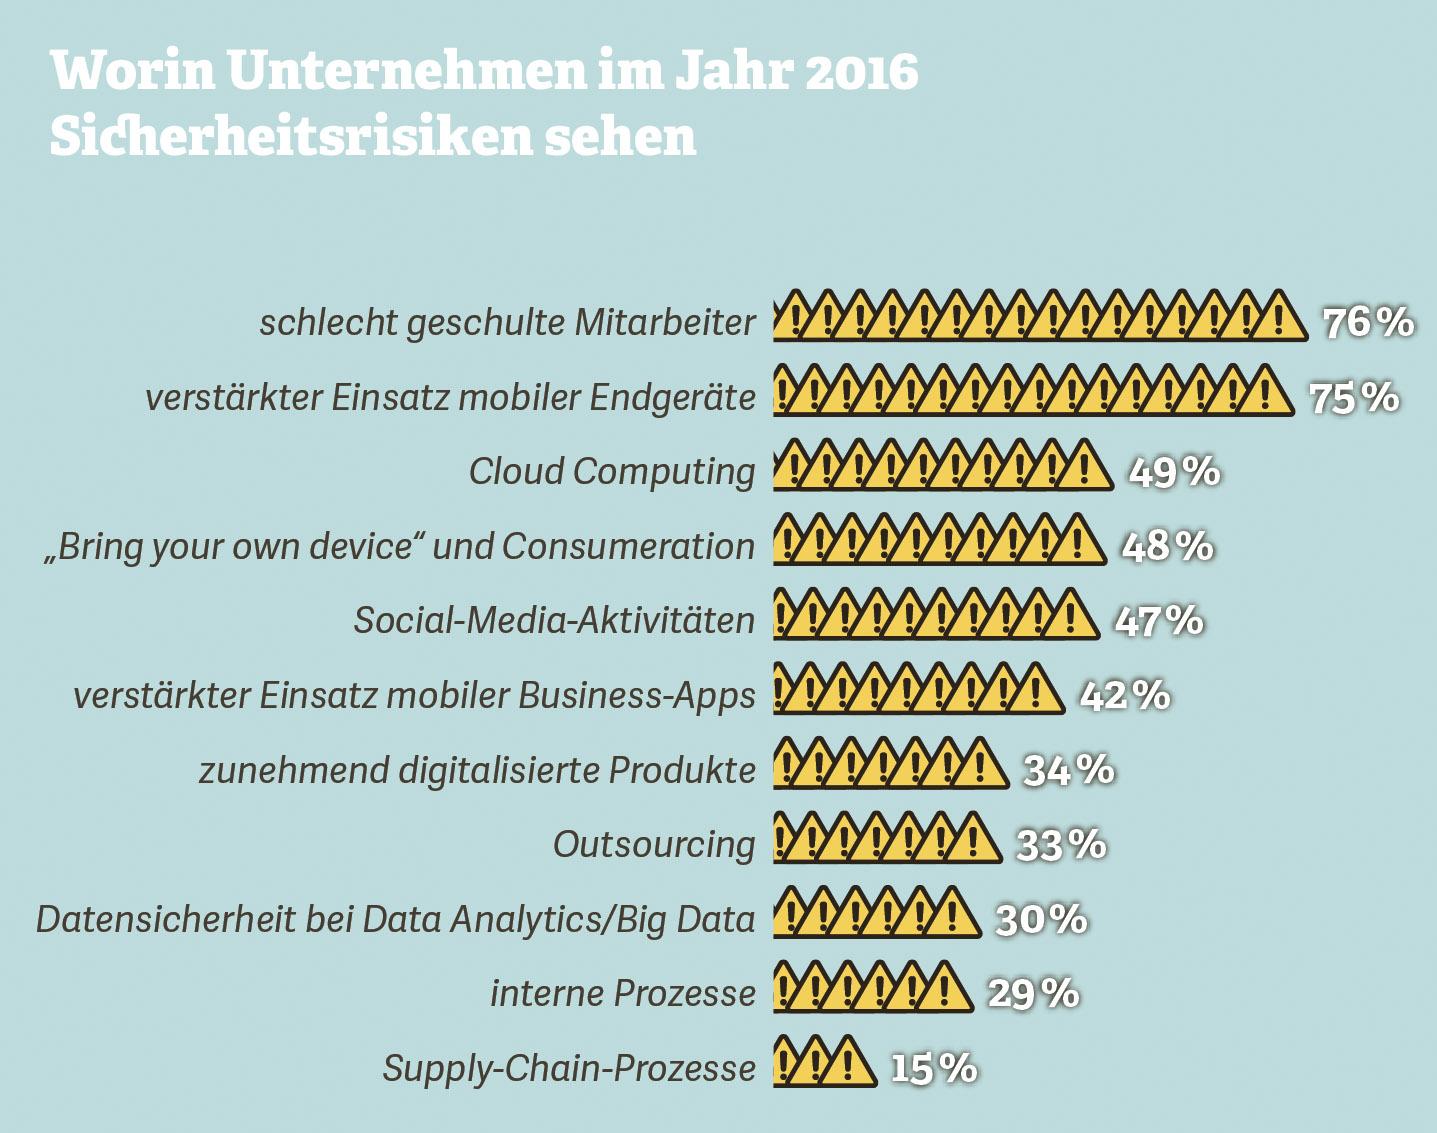 Grafik zu Industrie 4.0: Worin Unternehmen im Jahr 2016 Sicherheitsrisiken sehen